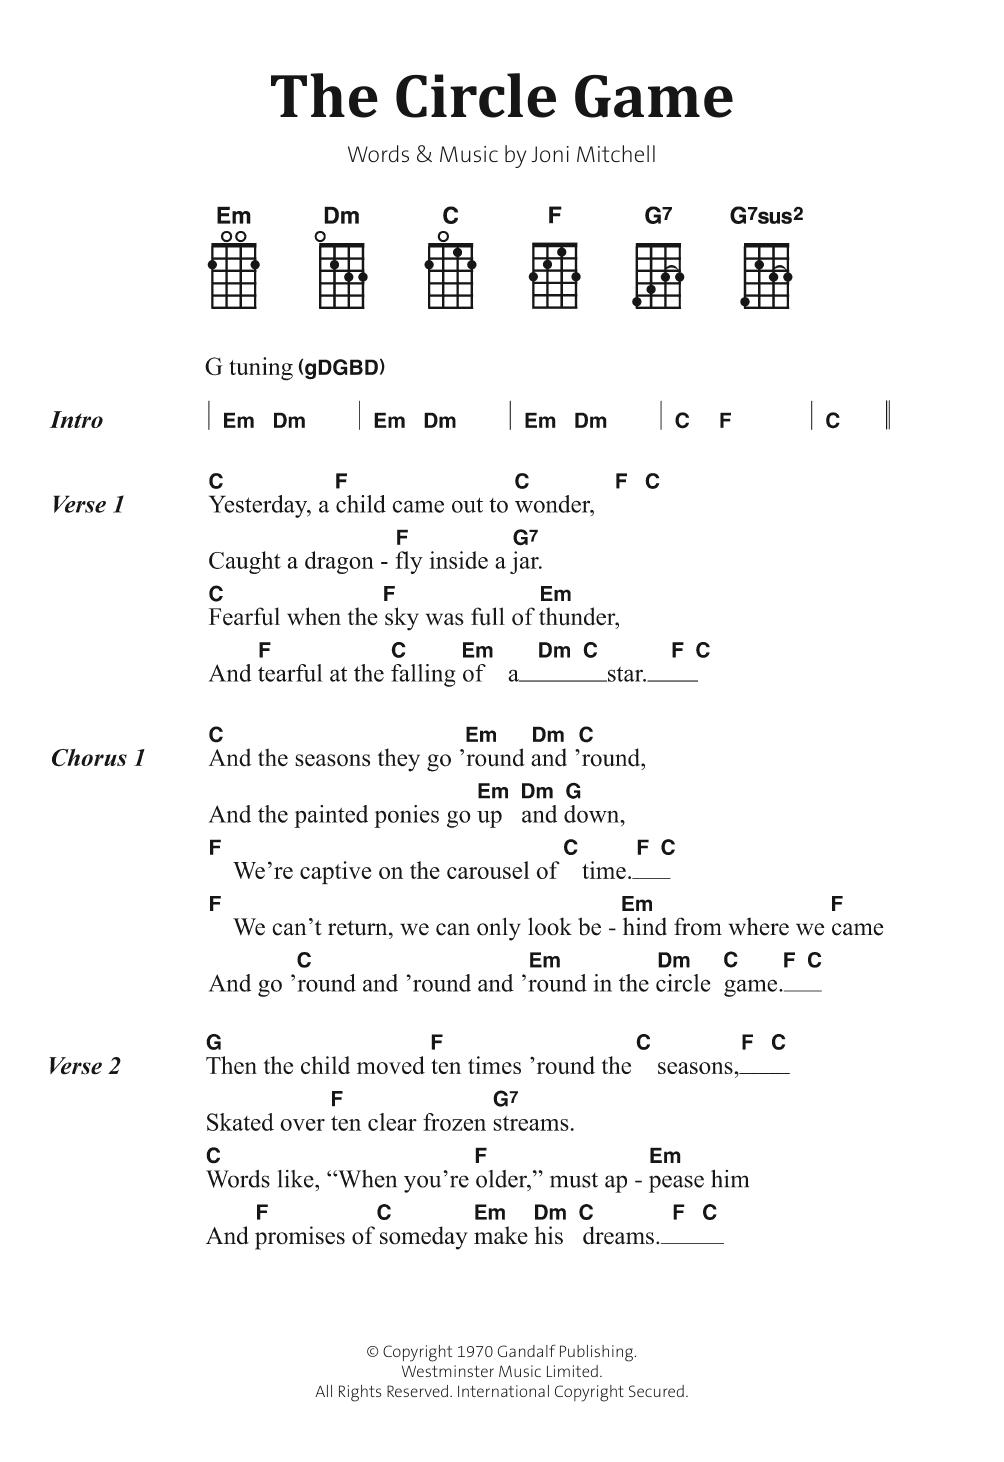 The Circle Game Sheet Music